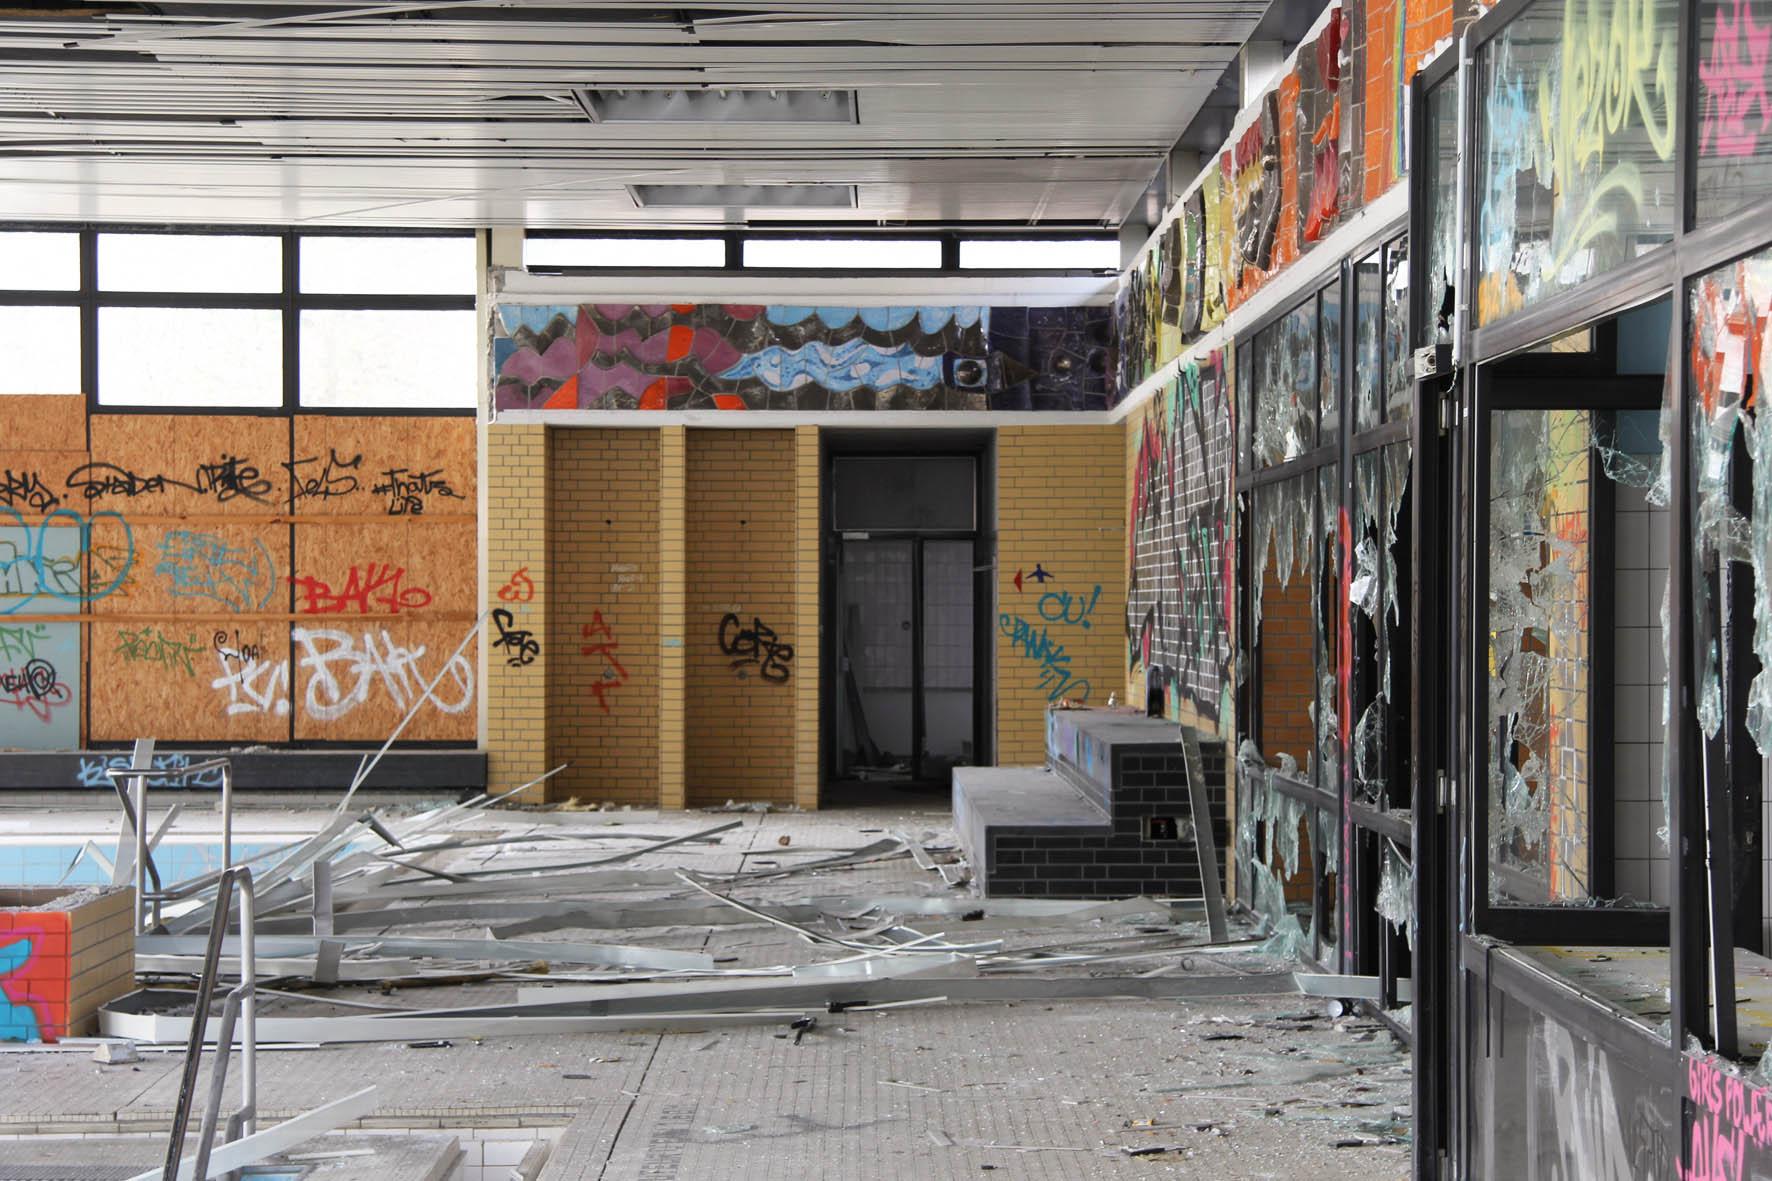 Türen und Fenster im Franzosenbad Berlin - Ein verlassenes Schwimmbad in der Cité Foch, ehemals Heimat der französischen Alliierten, die nach dem Zweiten Weltkrieg in Berlin stationiert waren